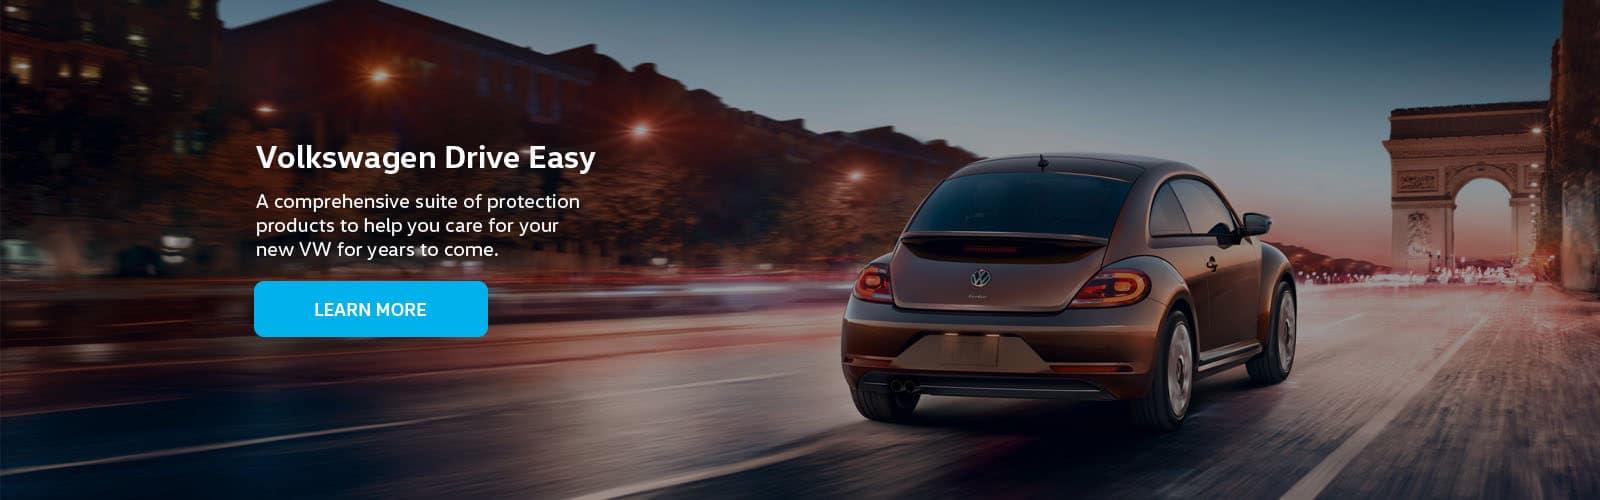 Volkswagen Drive Easy Dealer Banner - 1600 X 500